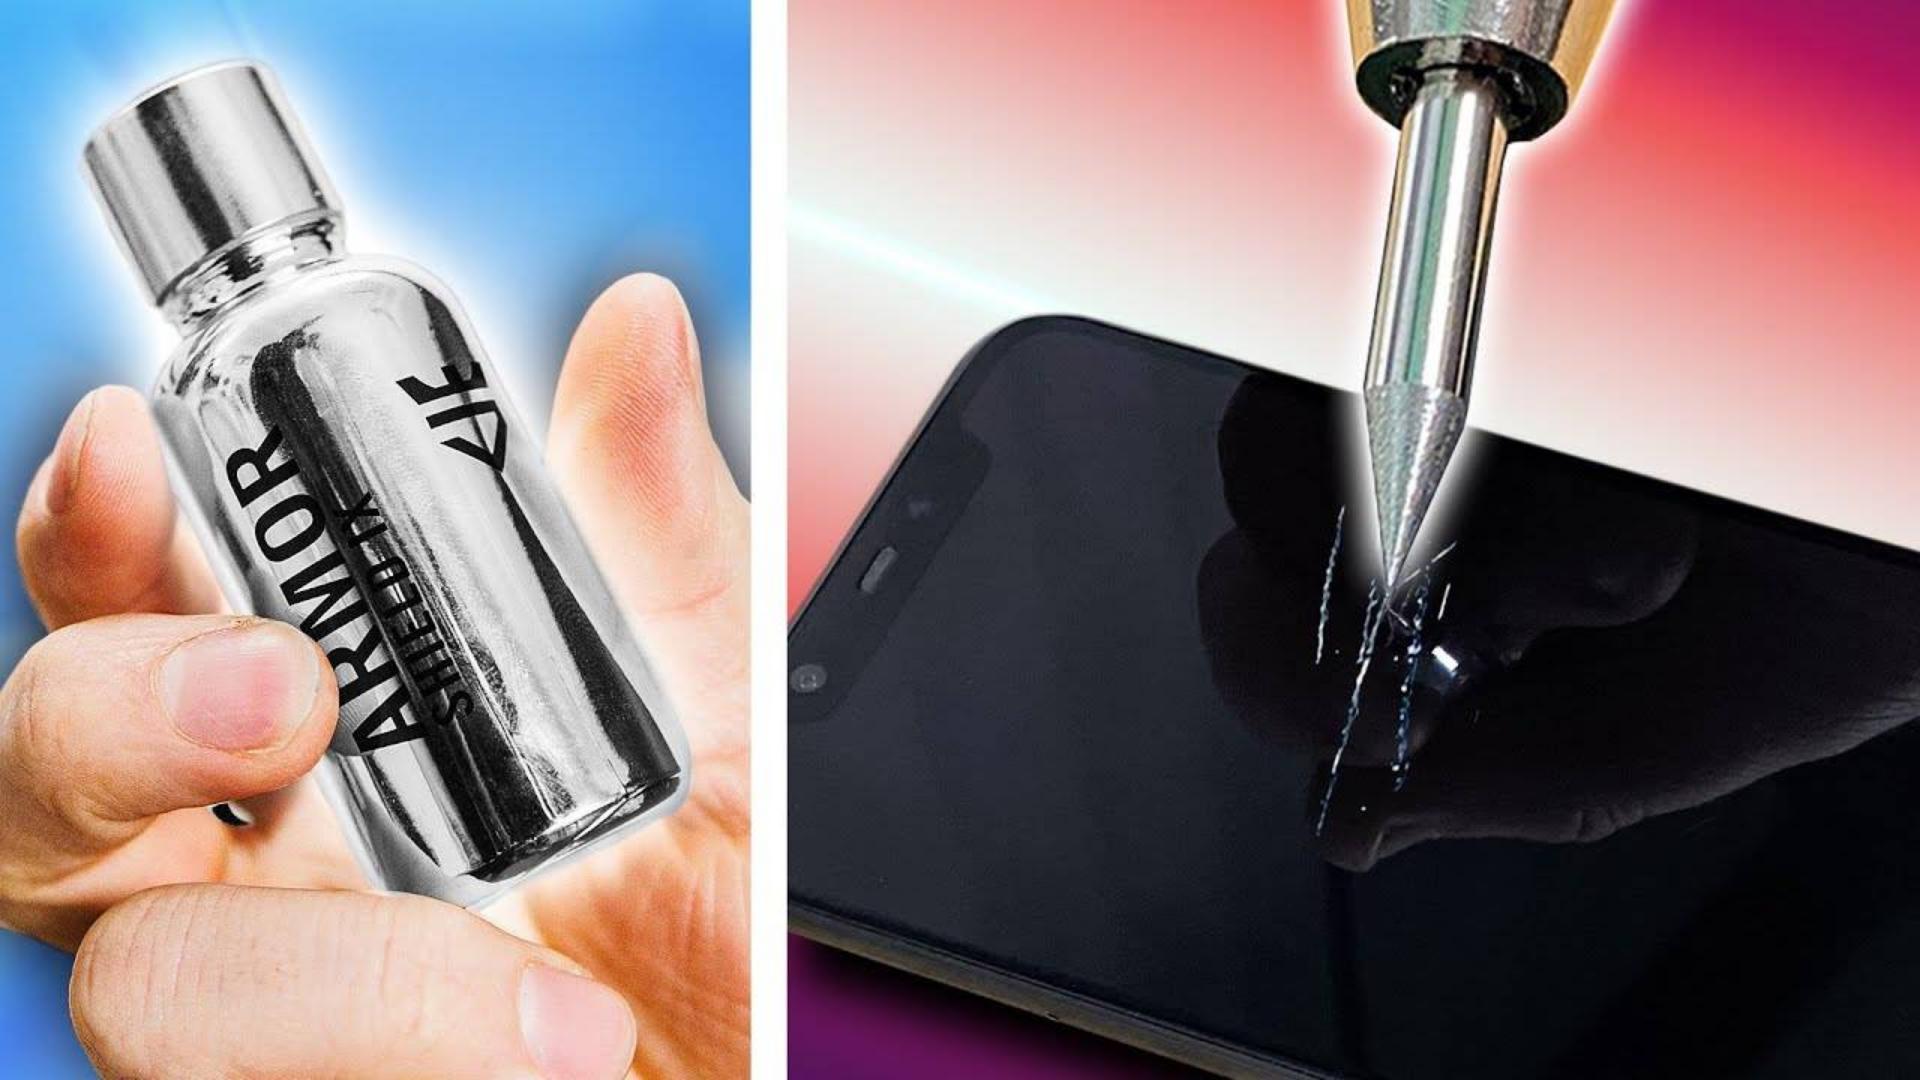 【官方双语】陶瓷镀晶能保护手机吗?#linus谈科技